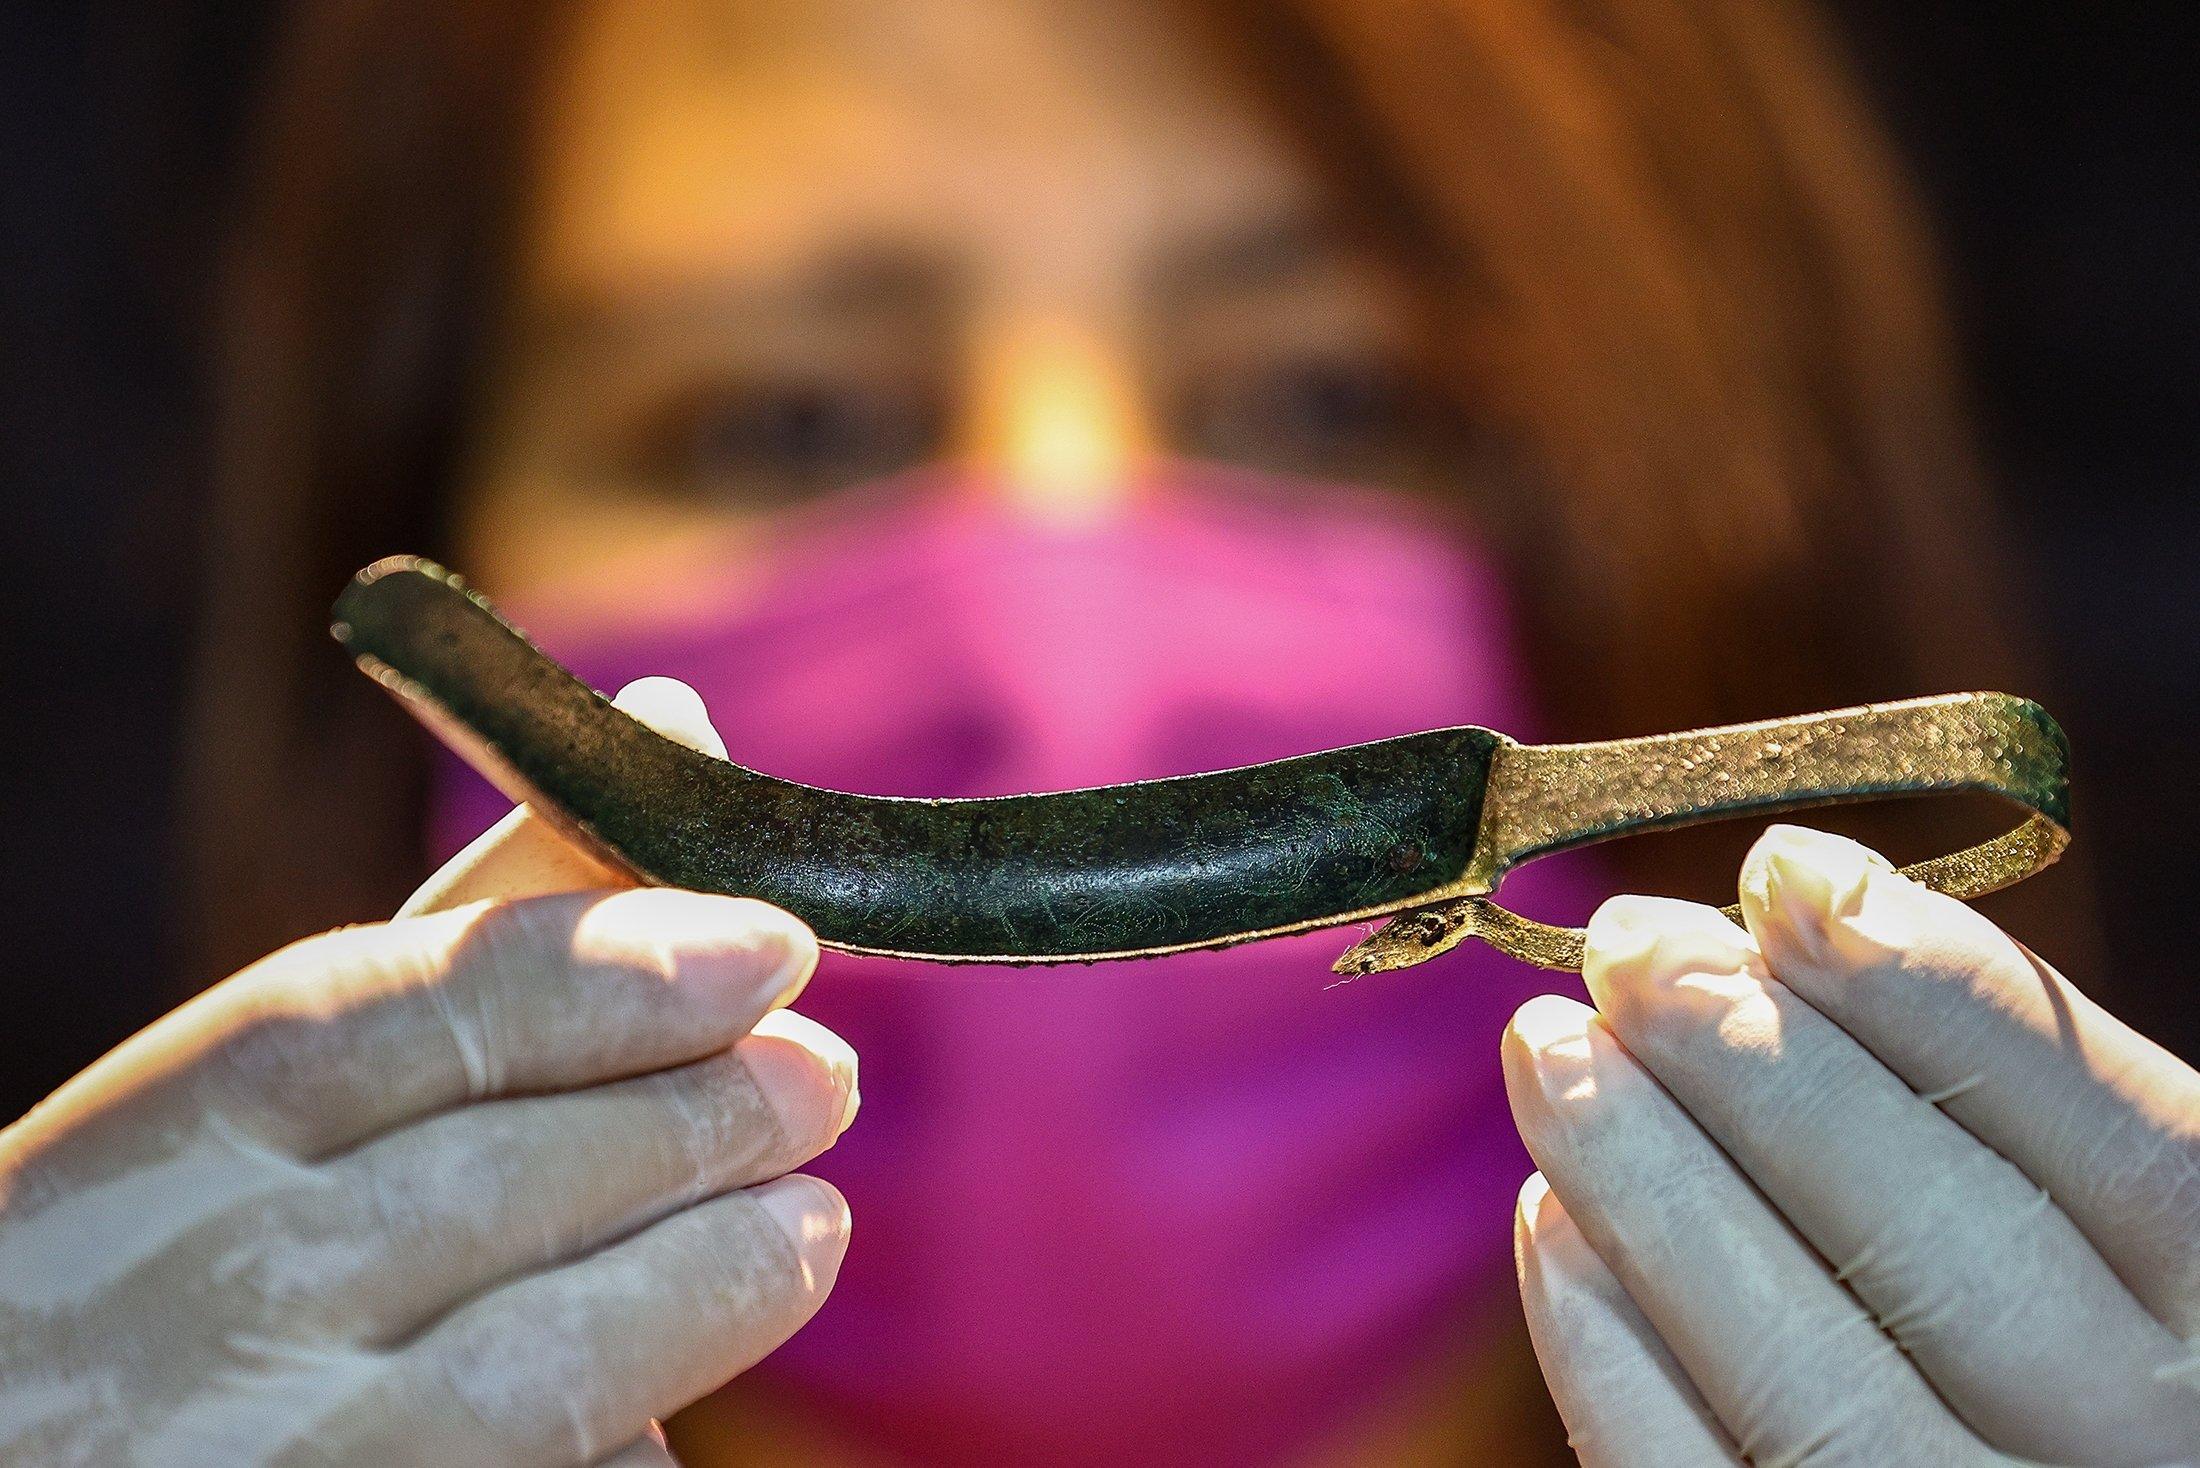 В Измире демонстрируют предметы личной гигиены гладиаторов